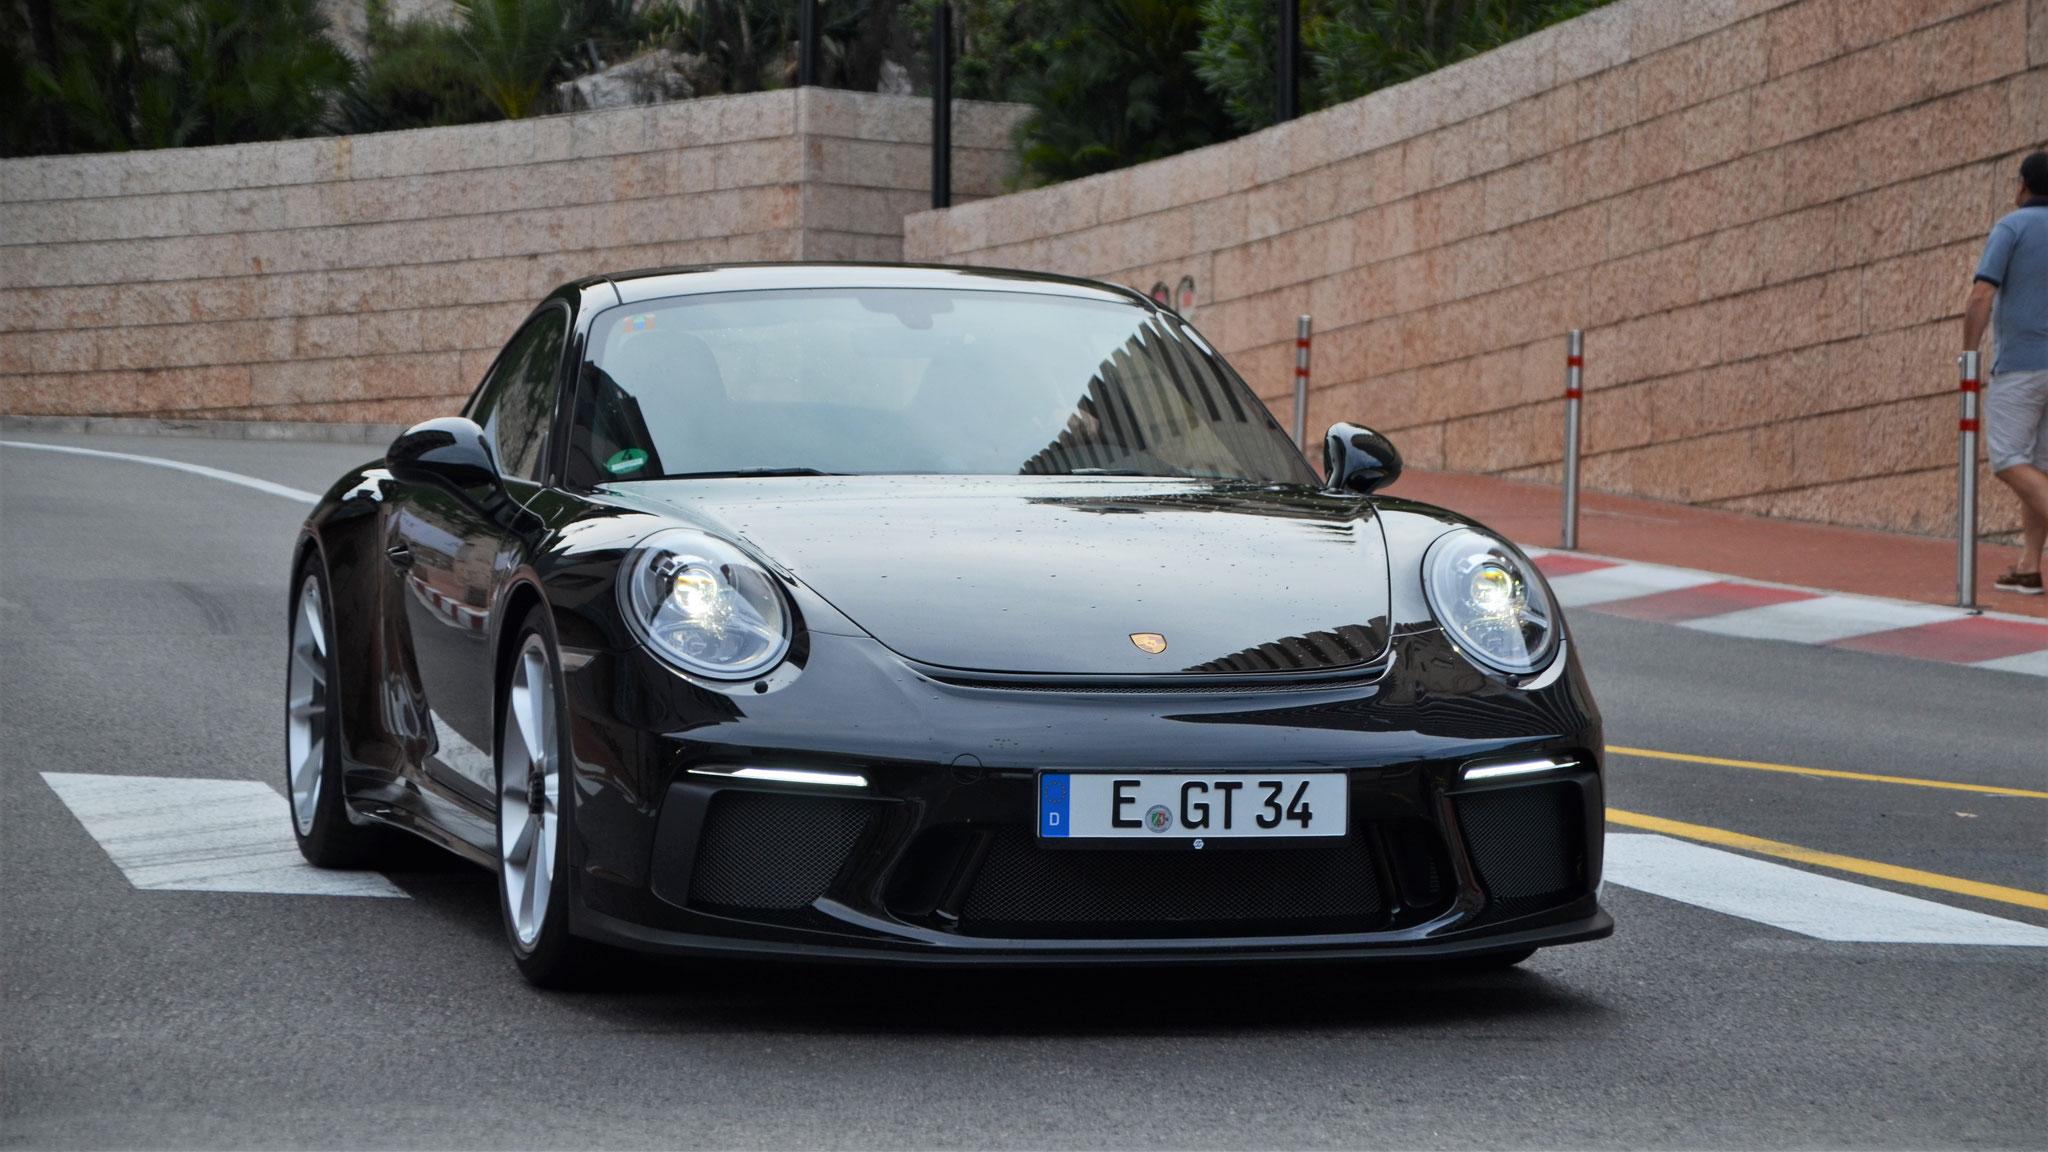 Porsche 991 GT3 Touring Package - E-GT-34